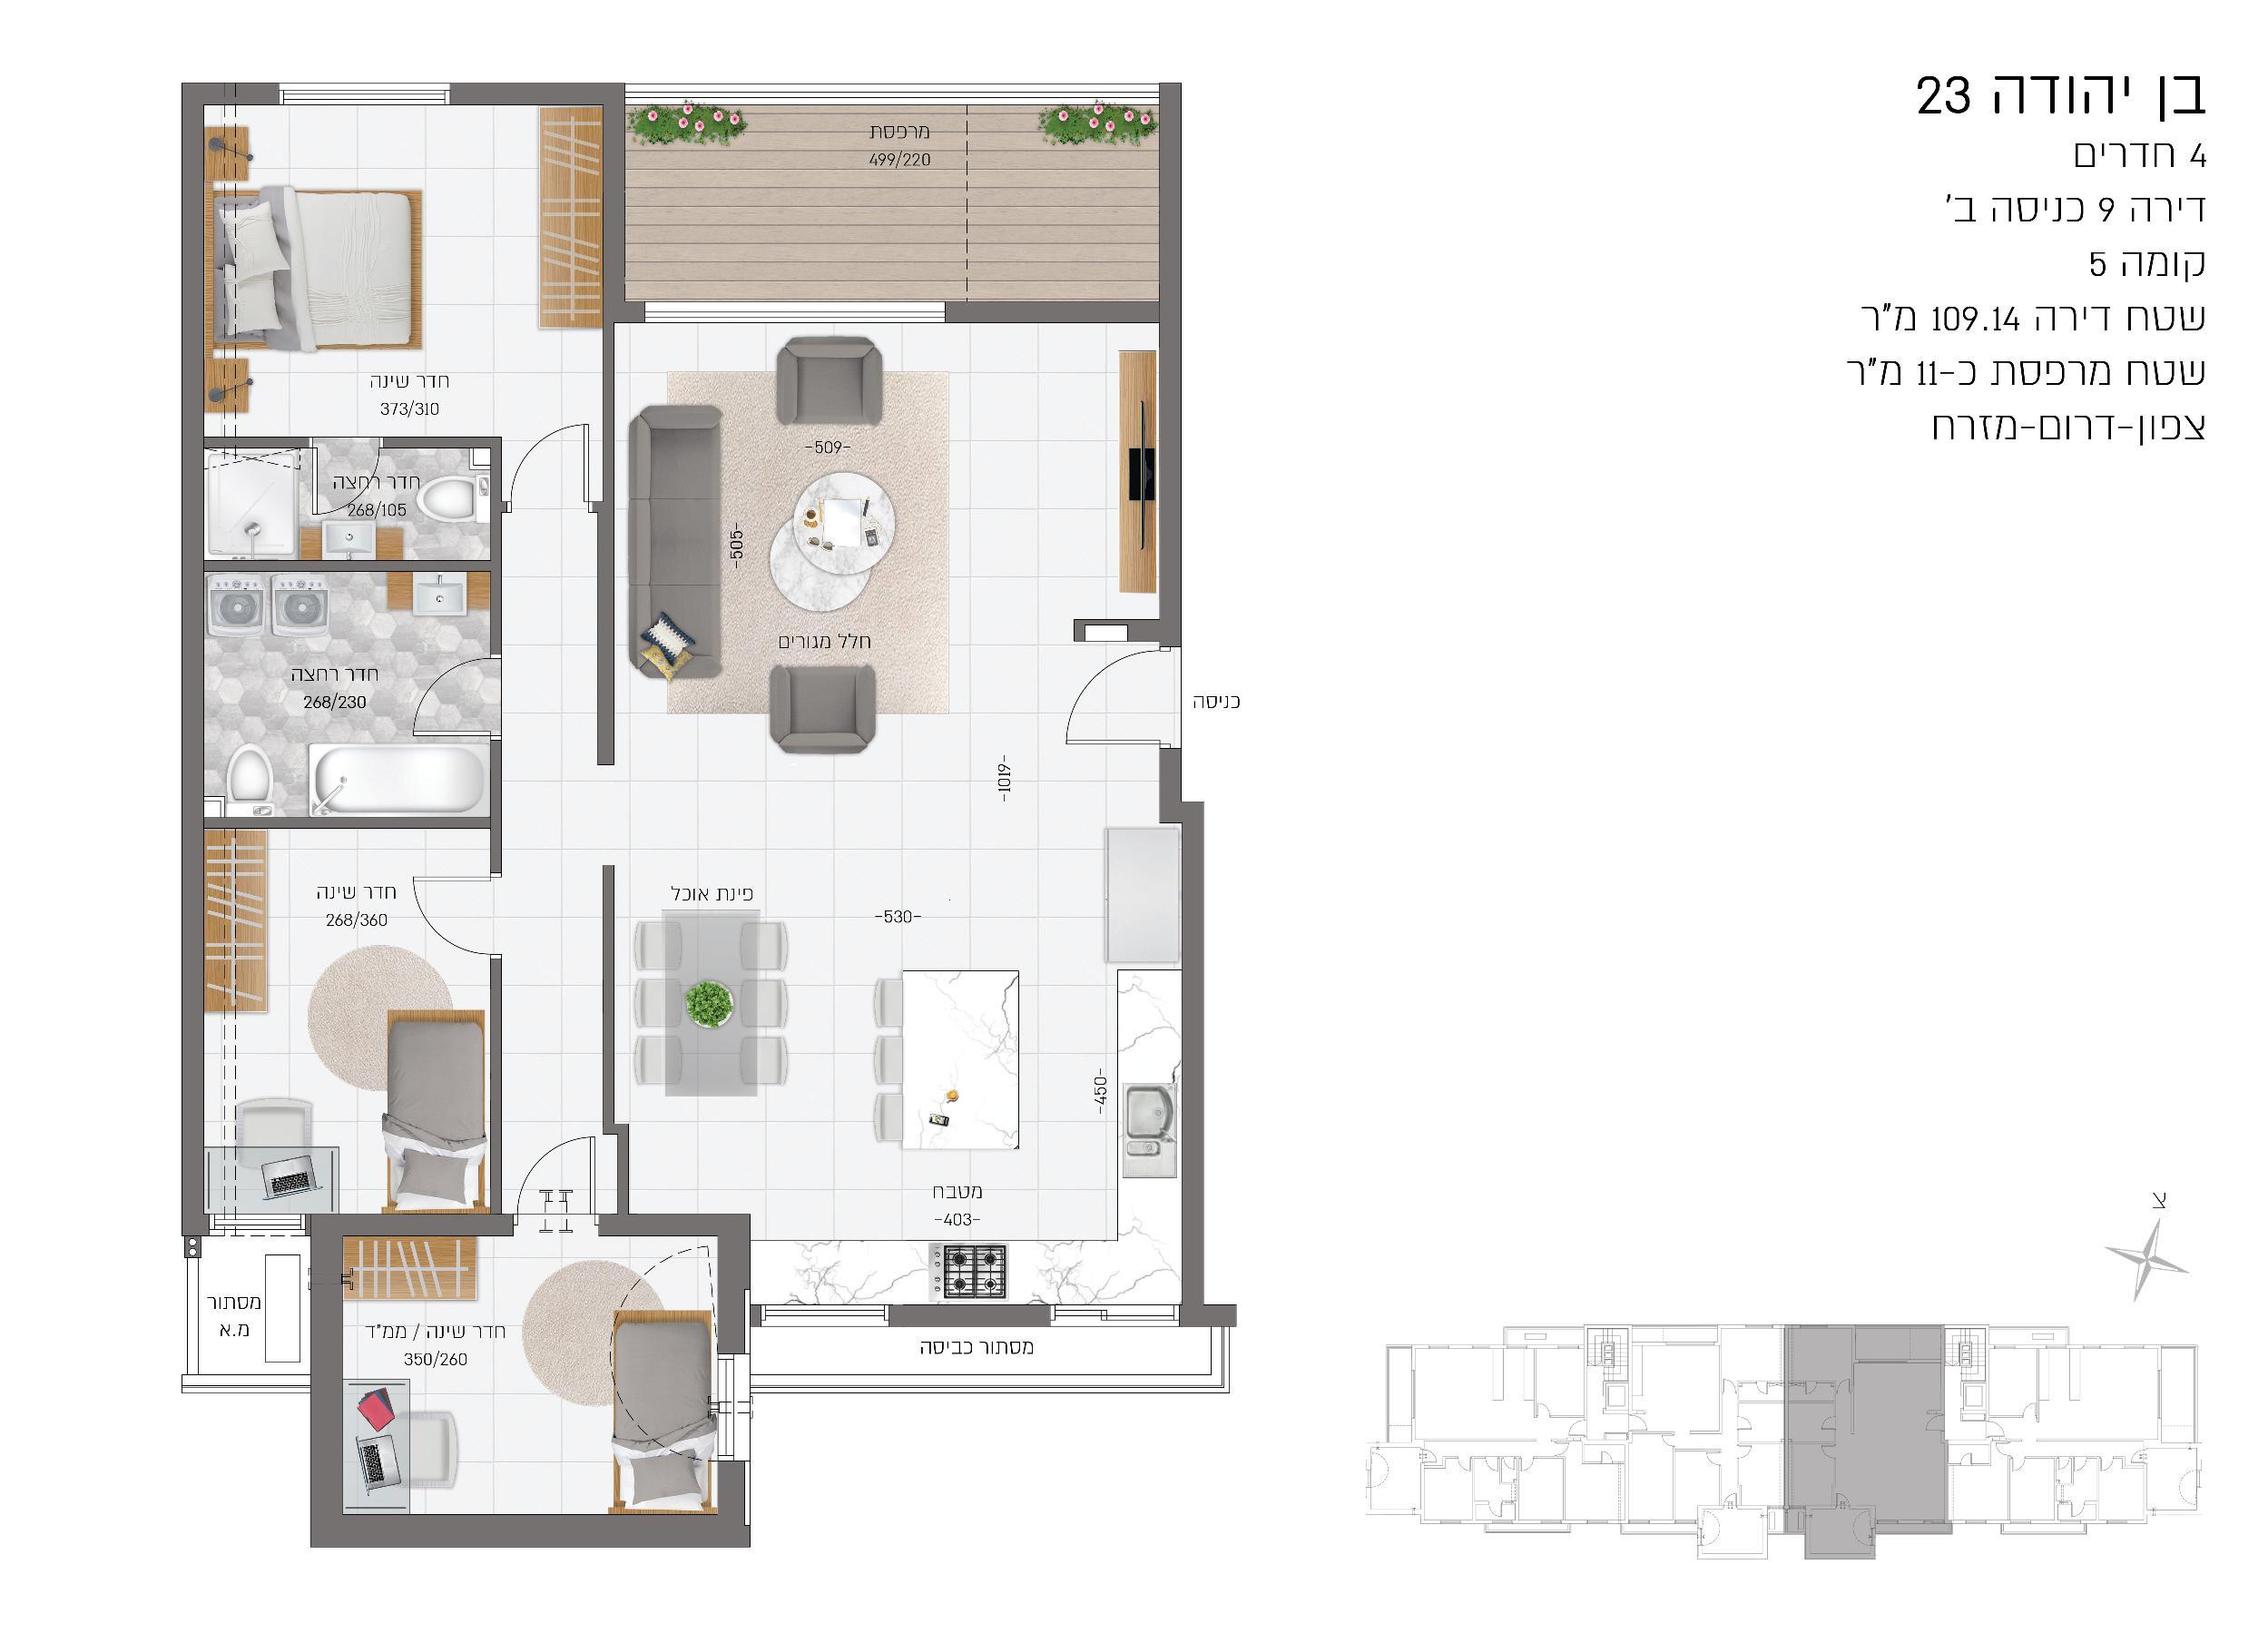 תוכנית הדירה לנכס מספר 10